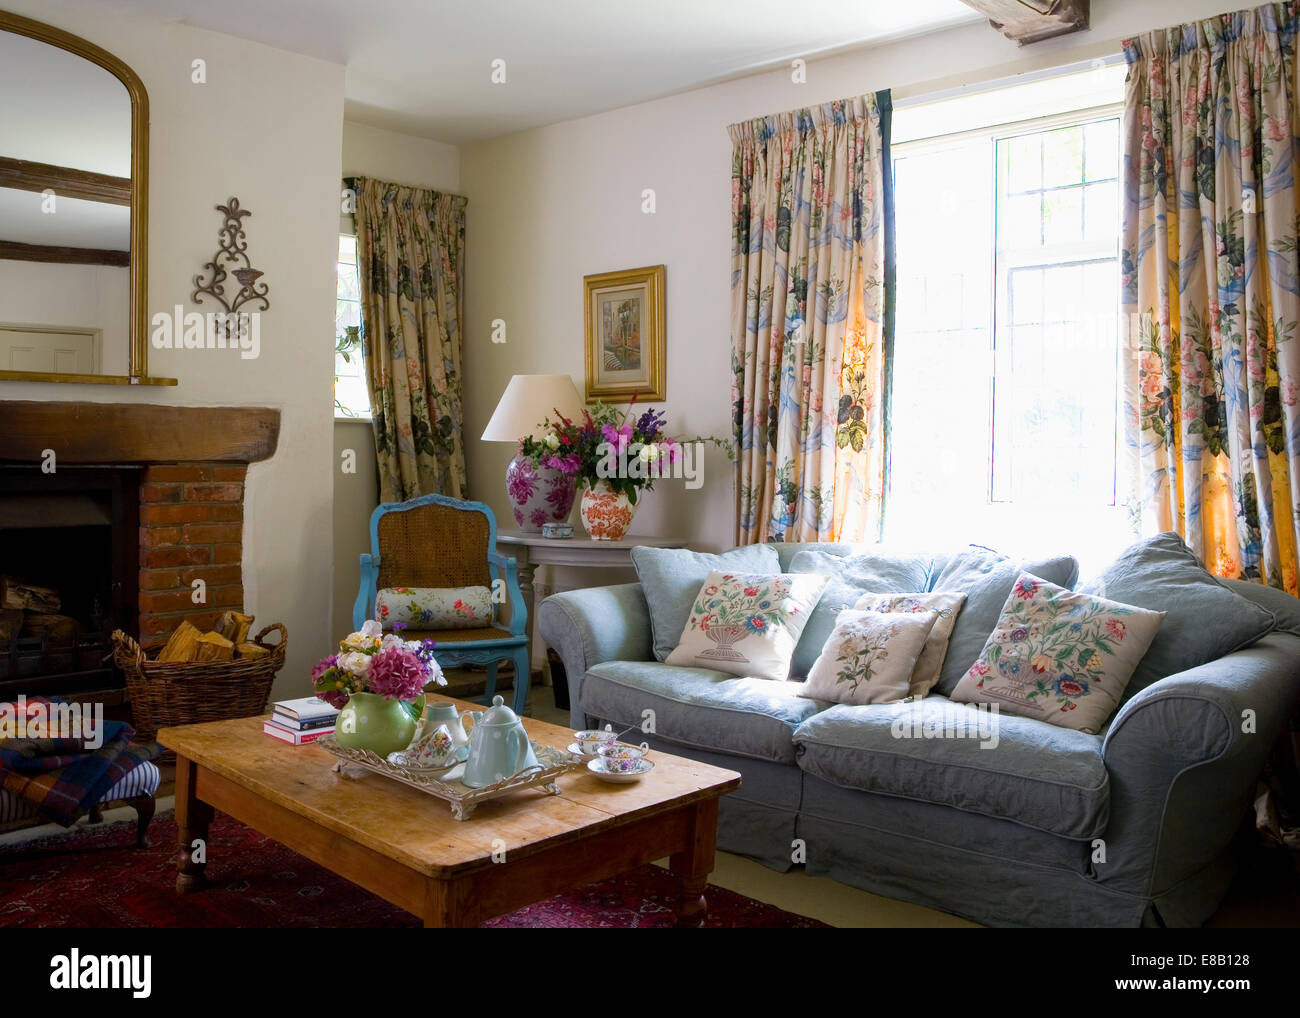 Bezaubernd Hellblaues Sofa Dekoration Von Blaues Vor Fenster Mit Floral Gardinen Im